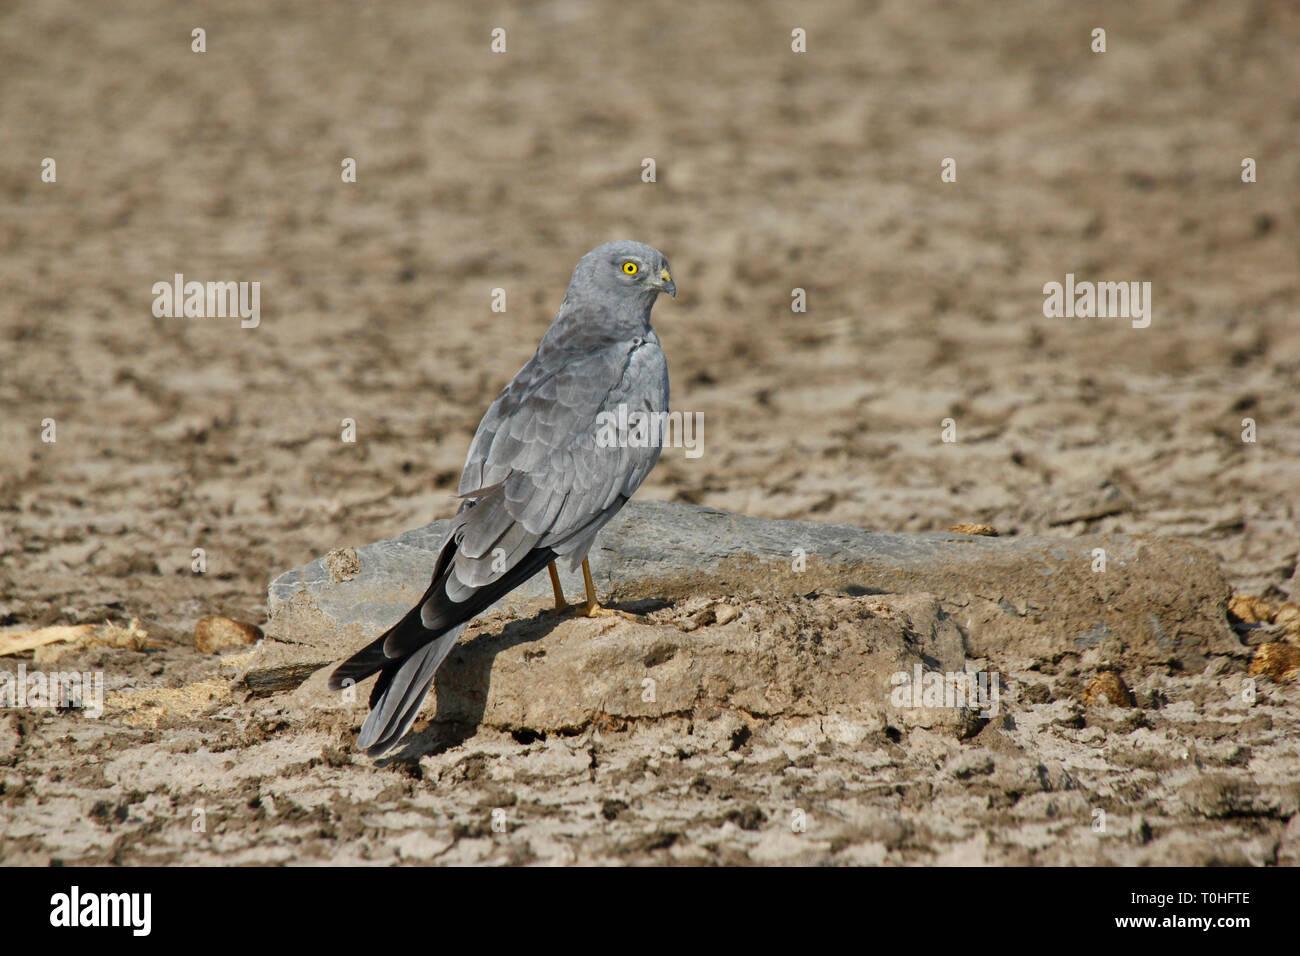 Montagu Harrier bird, Great Rann of Kutch, Kutch, Gujarat, India, Asia - Stock Image